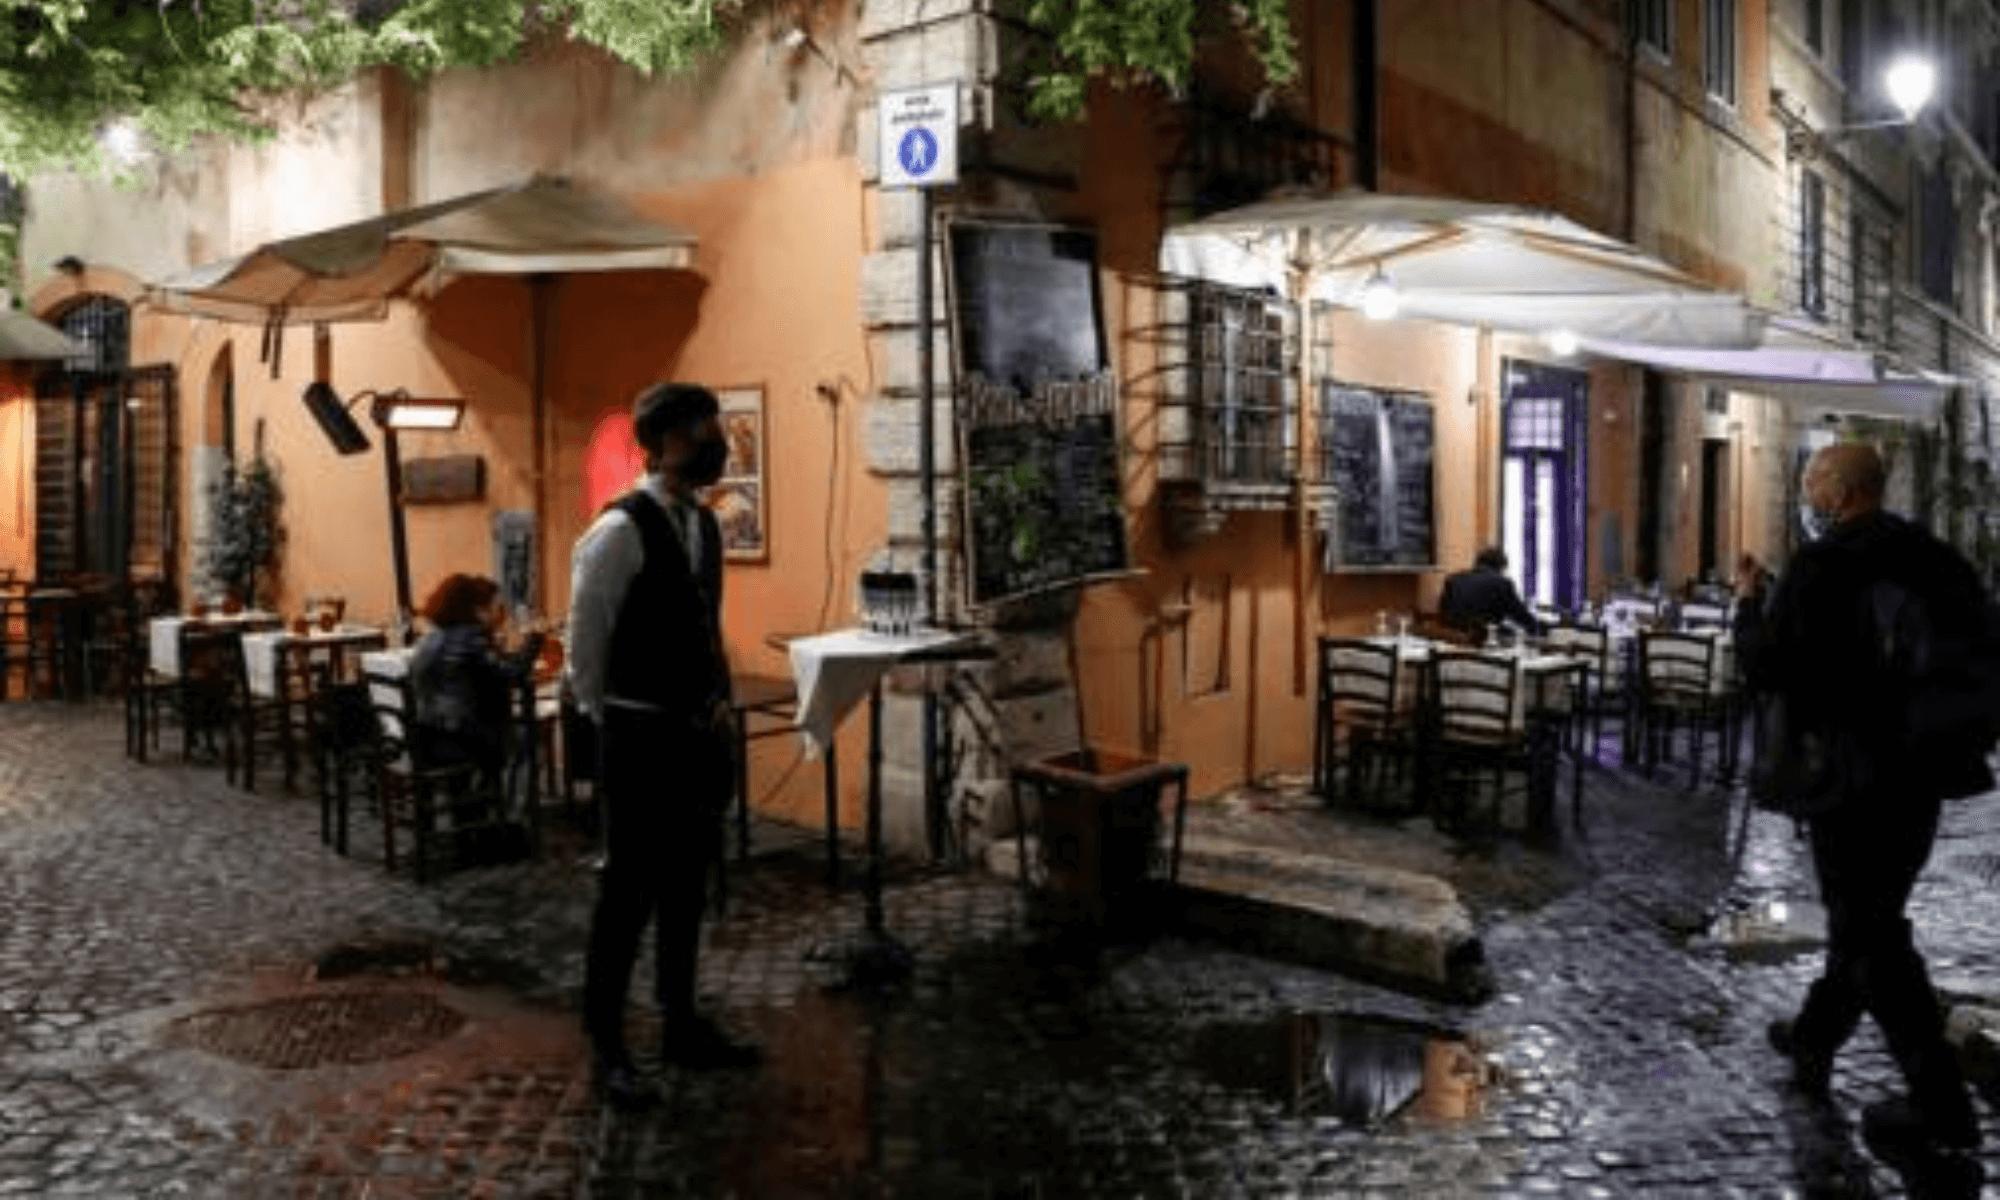 Cierre de cines, gimnasios y restaurantes abiertos solo hasta las 18 las nuevas restricciones en Italia por COVID-19 2